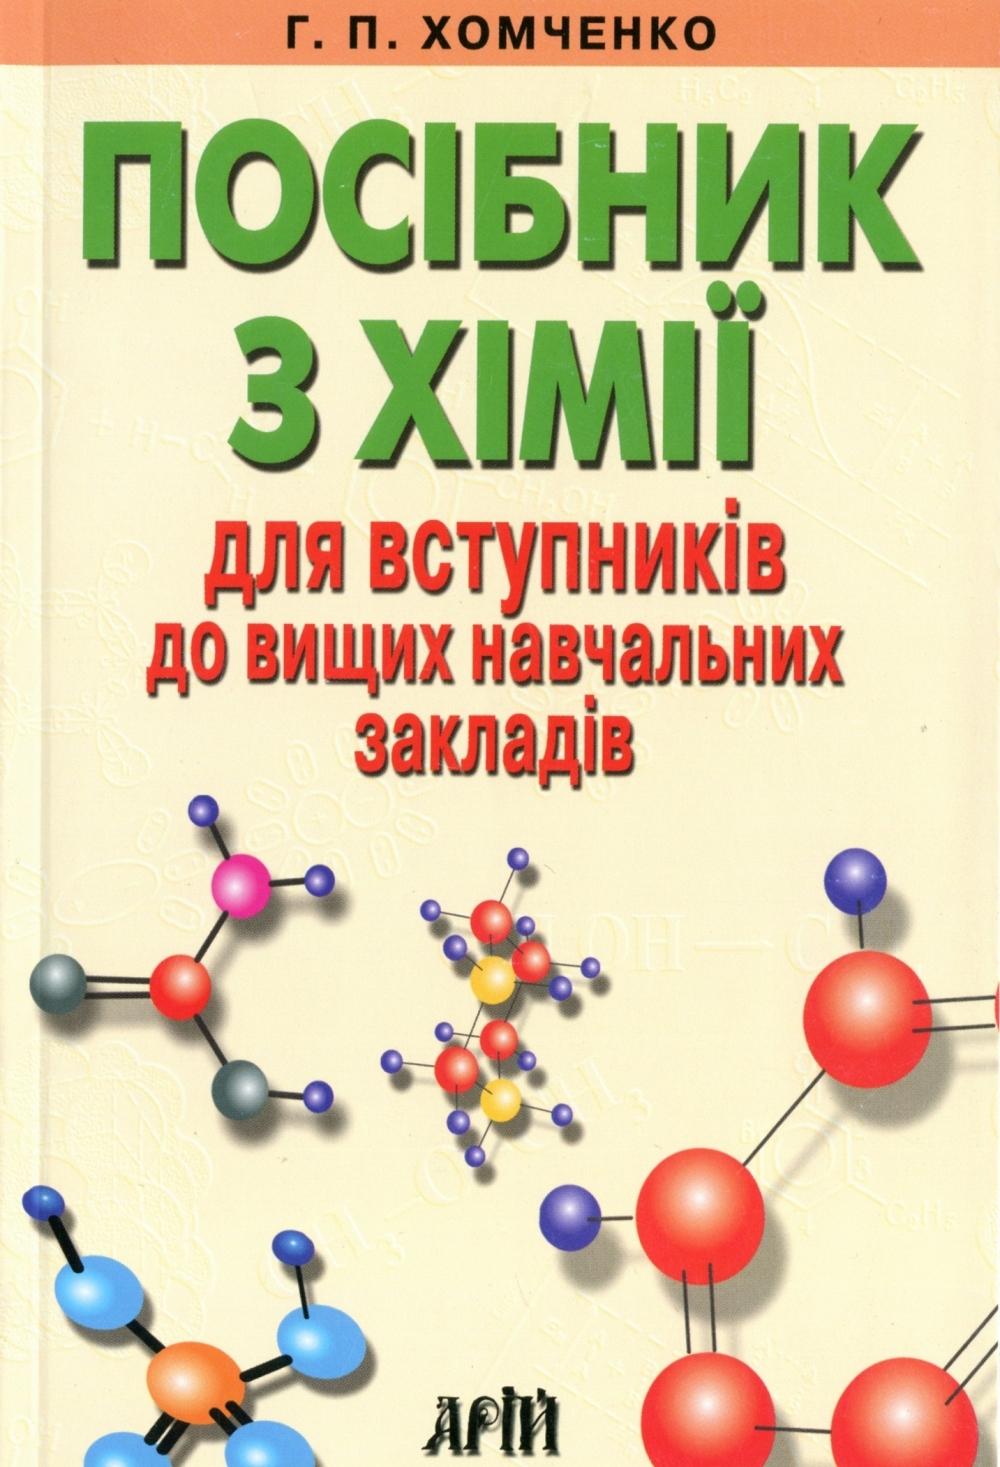 Посібник з хімії для вступників. Хомченко Г.  Вид-во: Арій. купити 0